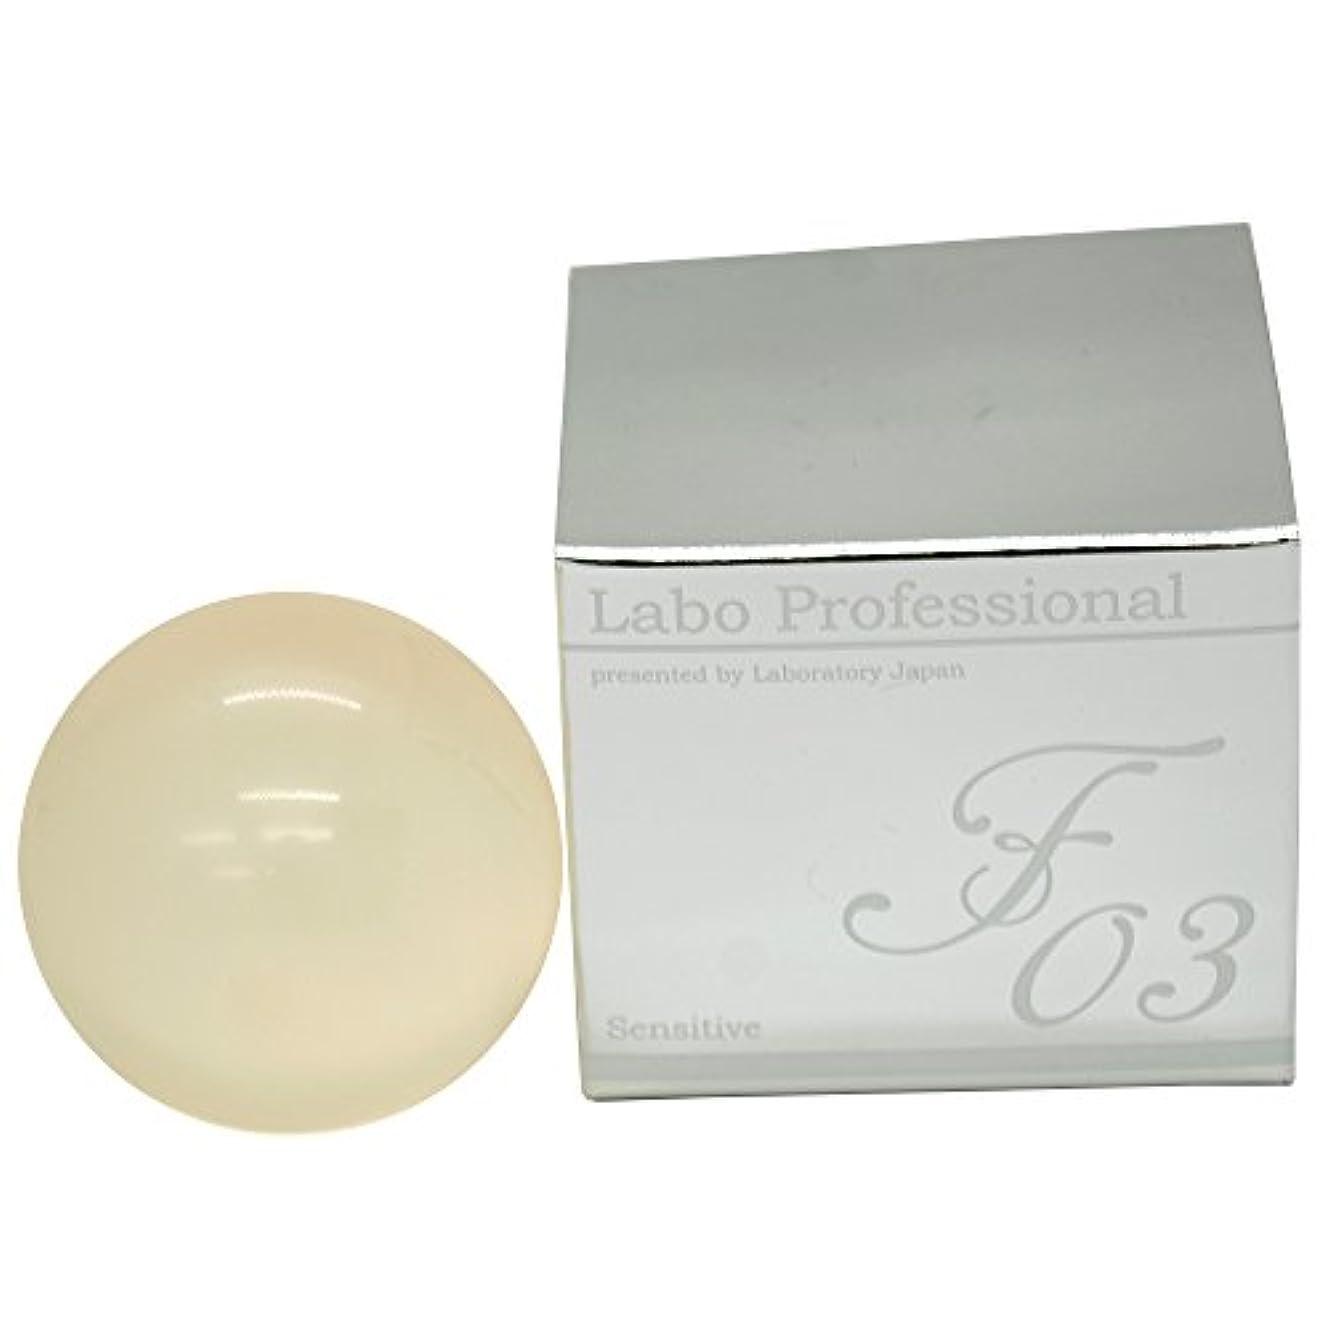 義務づける祈りブロンズ日本製【真性フコイダン配合】赤ちゃんから使える 敏感肌向け美容石鹸|Labo Professional F03